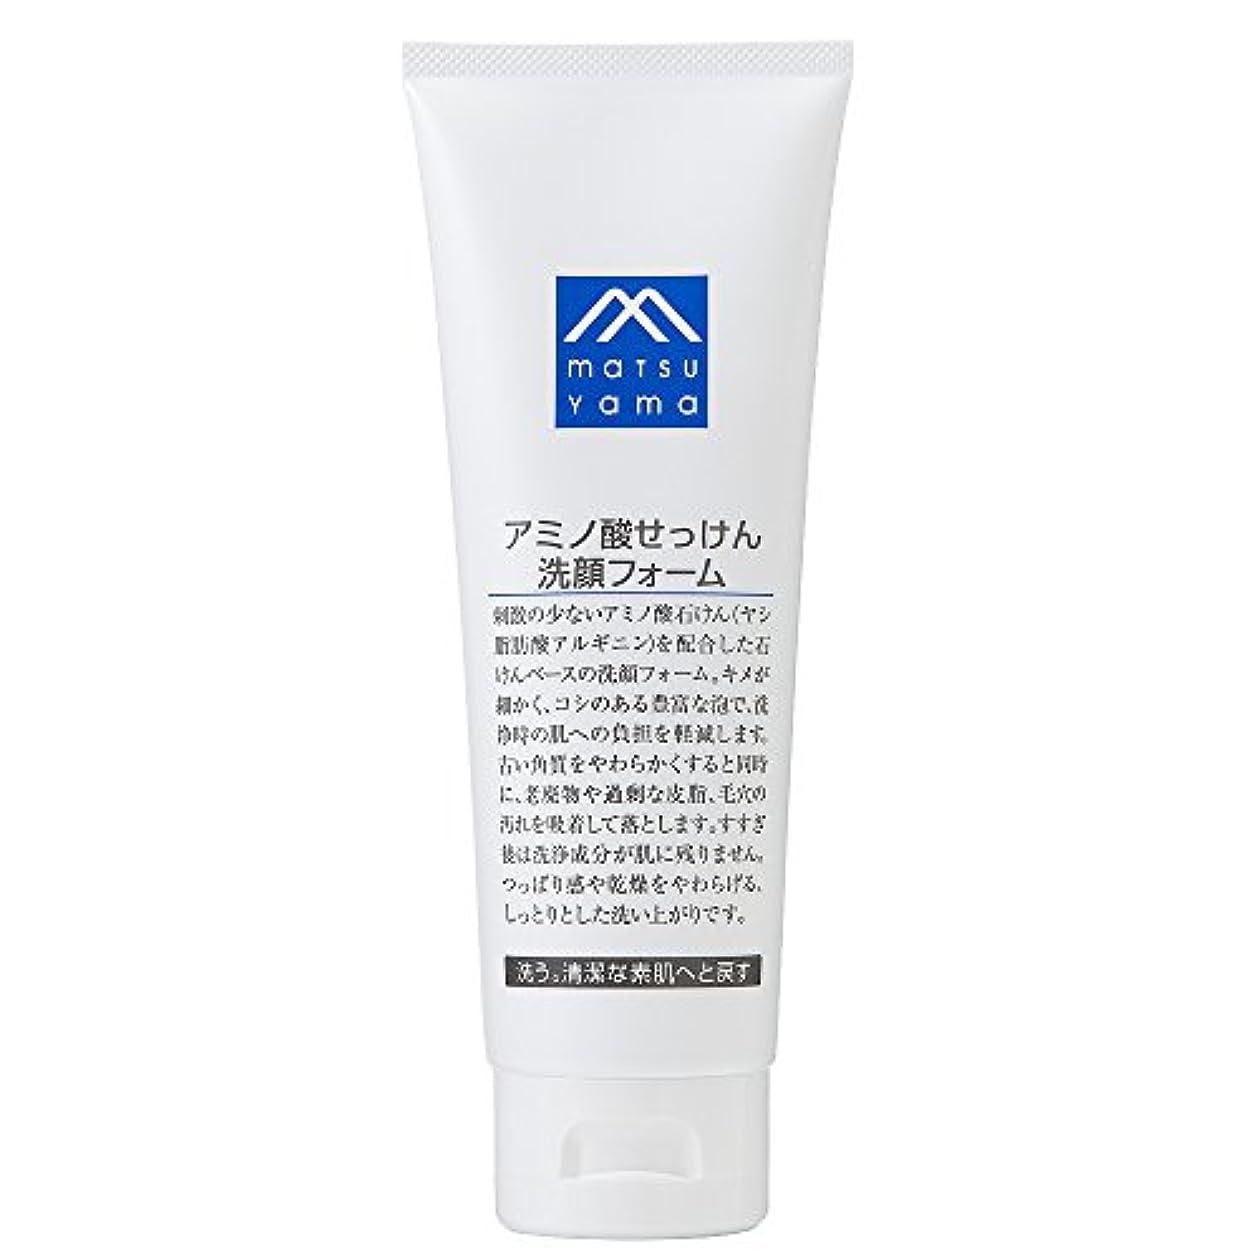 ブラウザ以来退屈M-mark アミノ酸せっけん洗顔フォーム